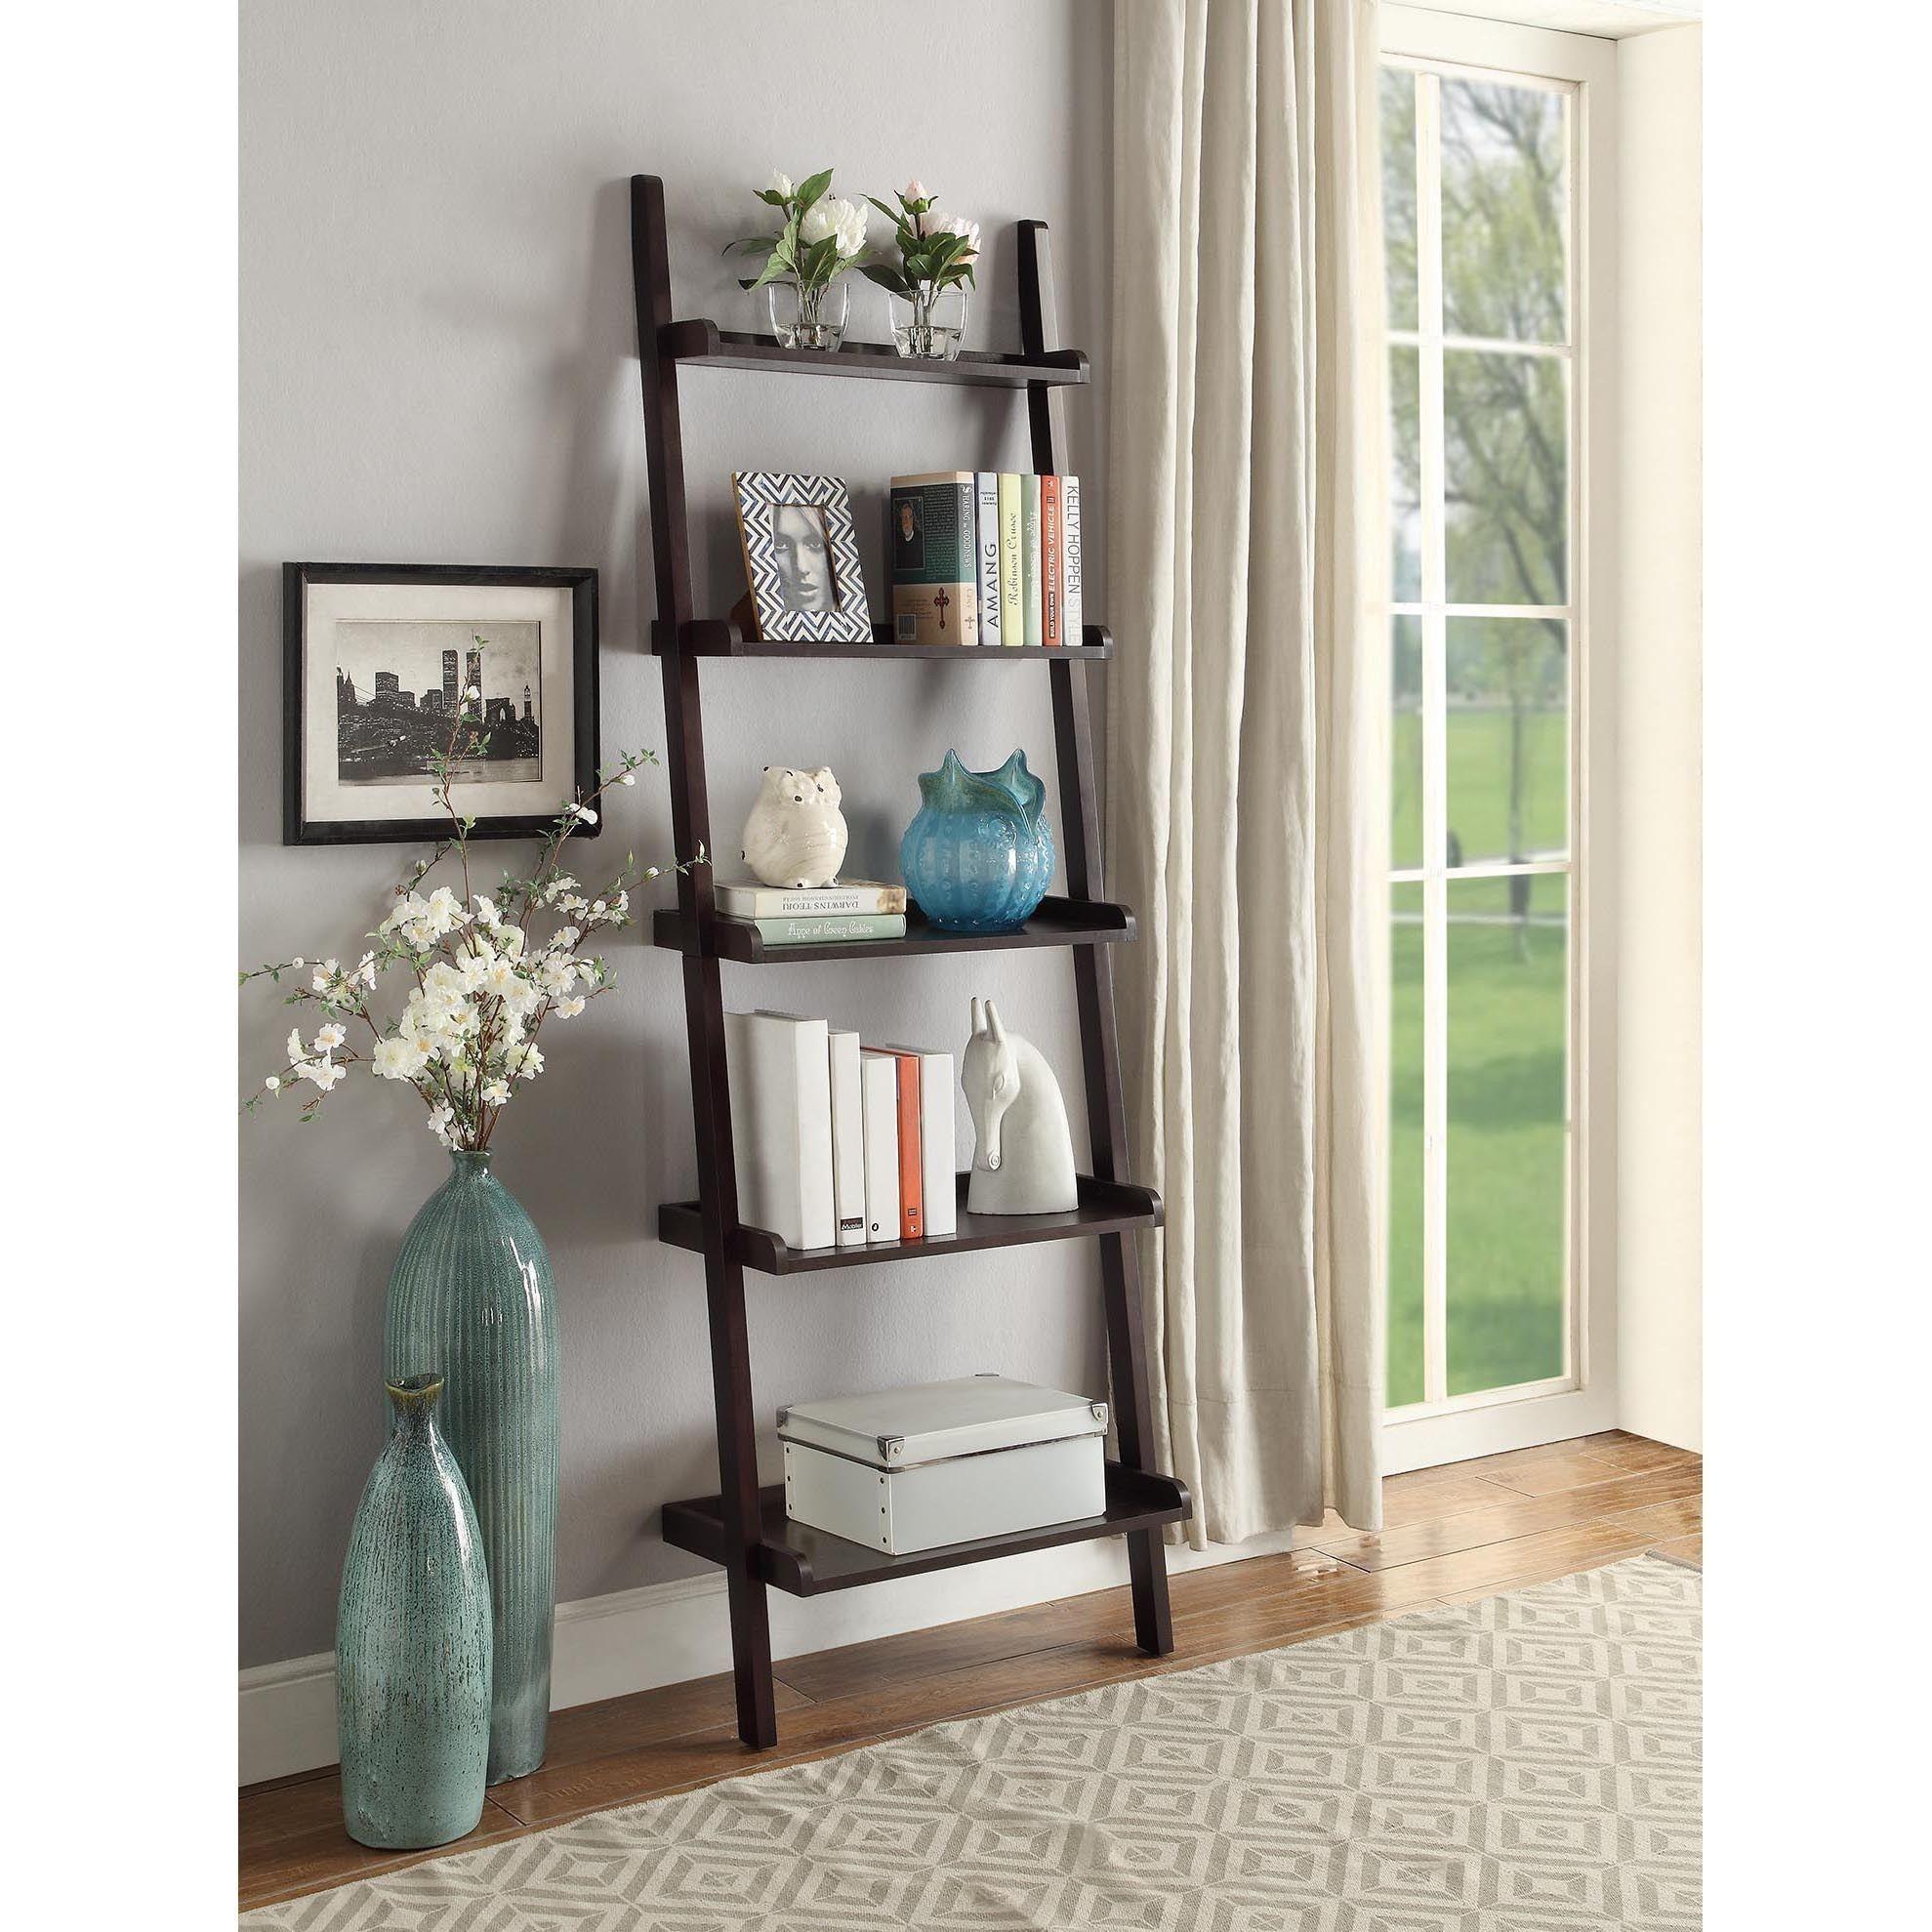 p wood bookcases in concepts e shelf bookcase wide double midas espresso